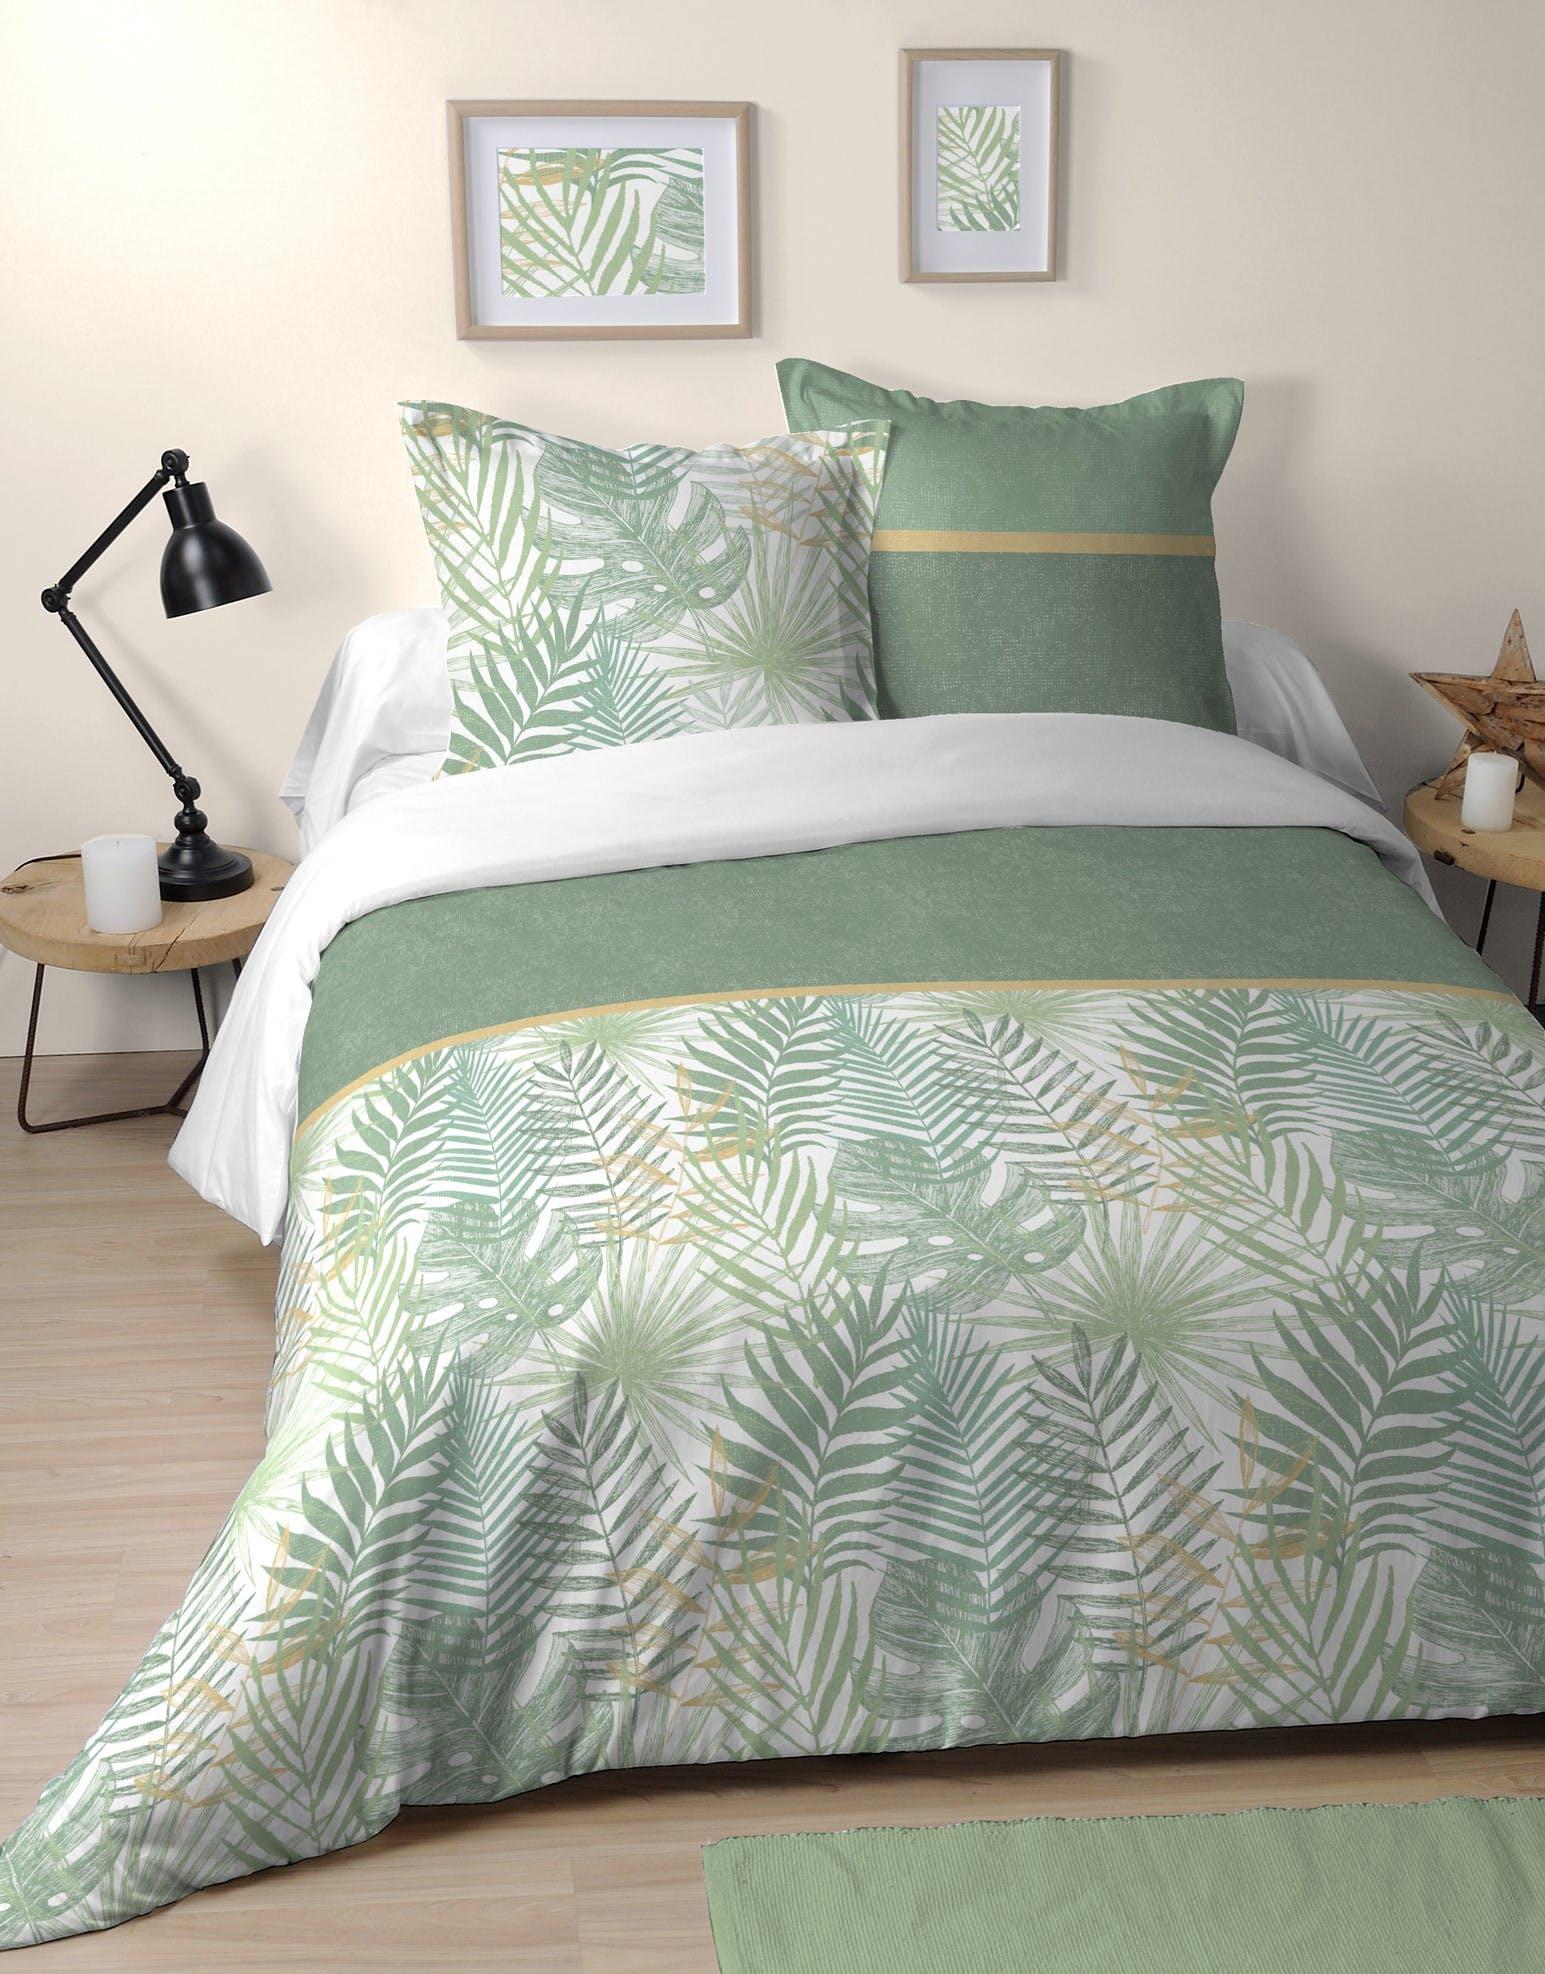 Parure de lit feuillage jungle vert 240x220cm CAMO